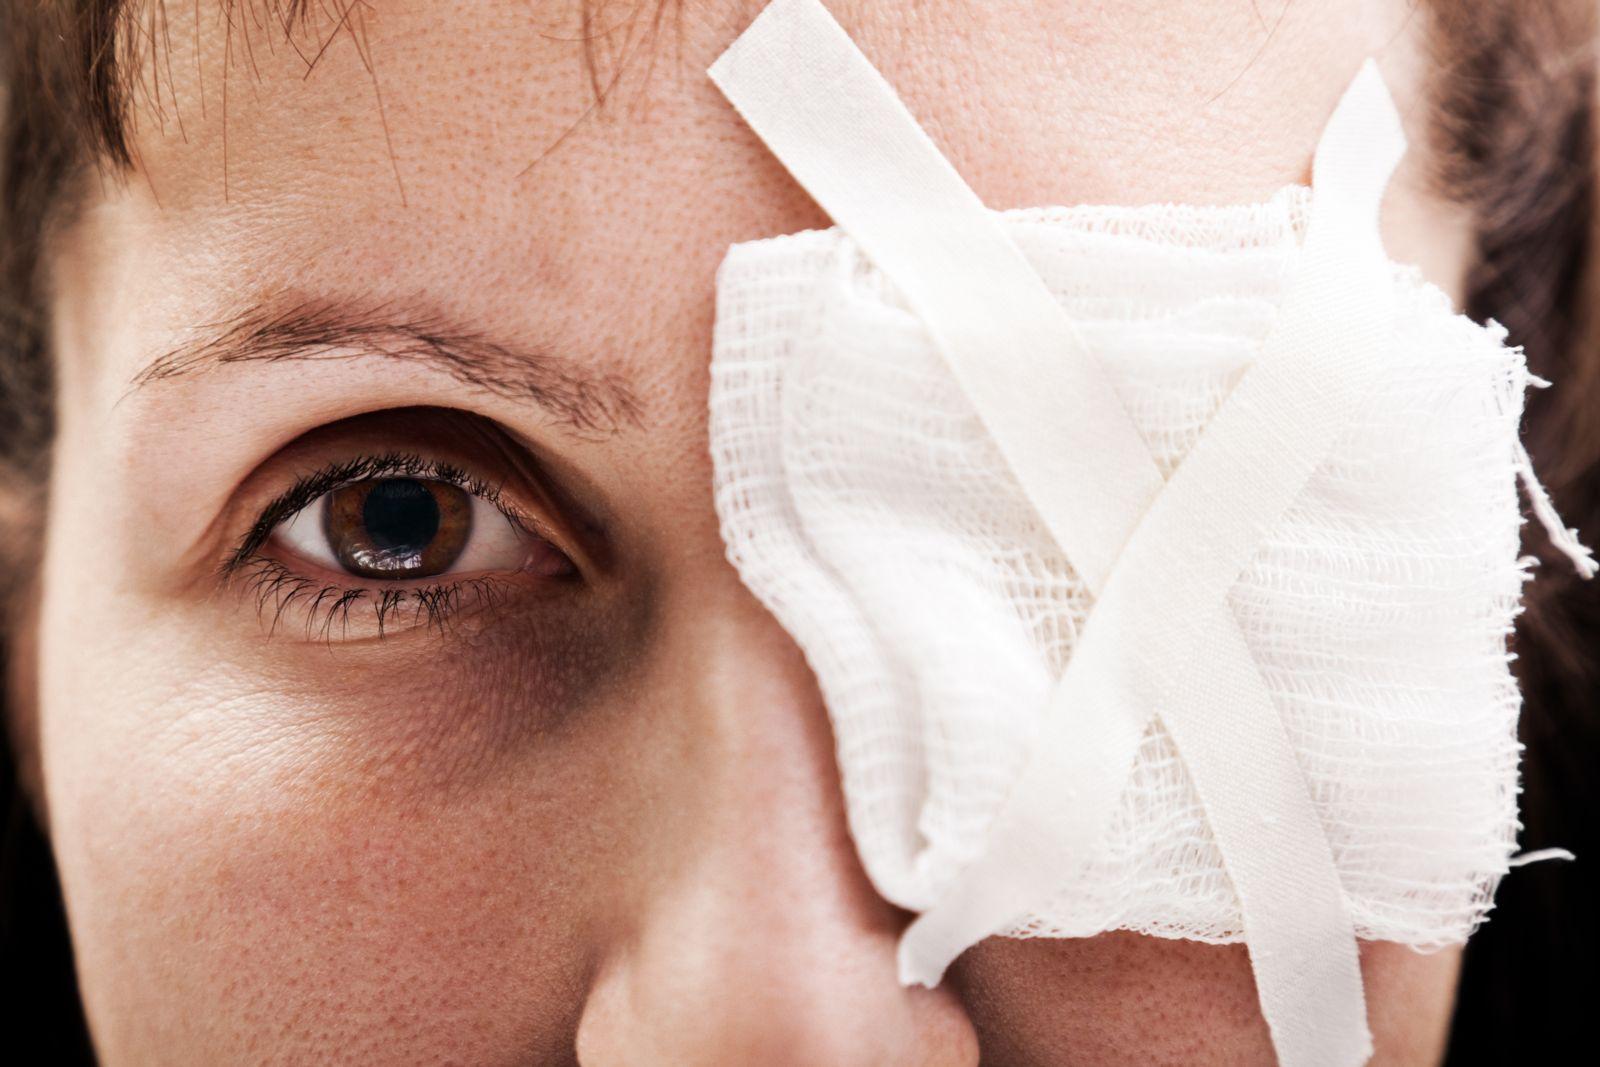 Woman With Bandaged Eye